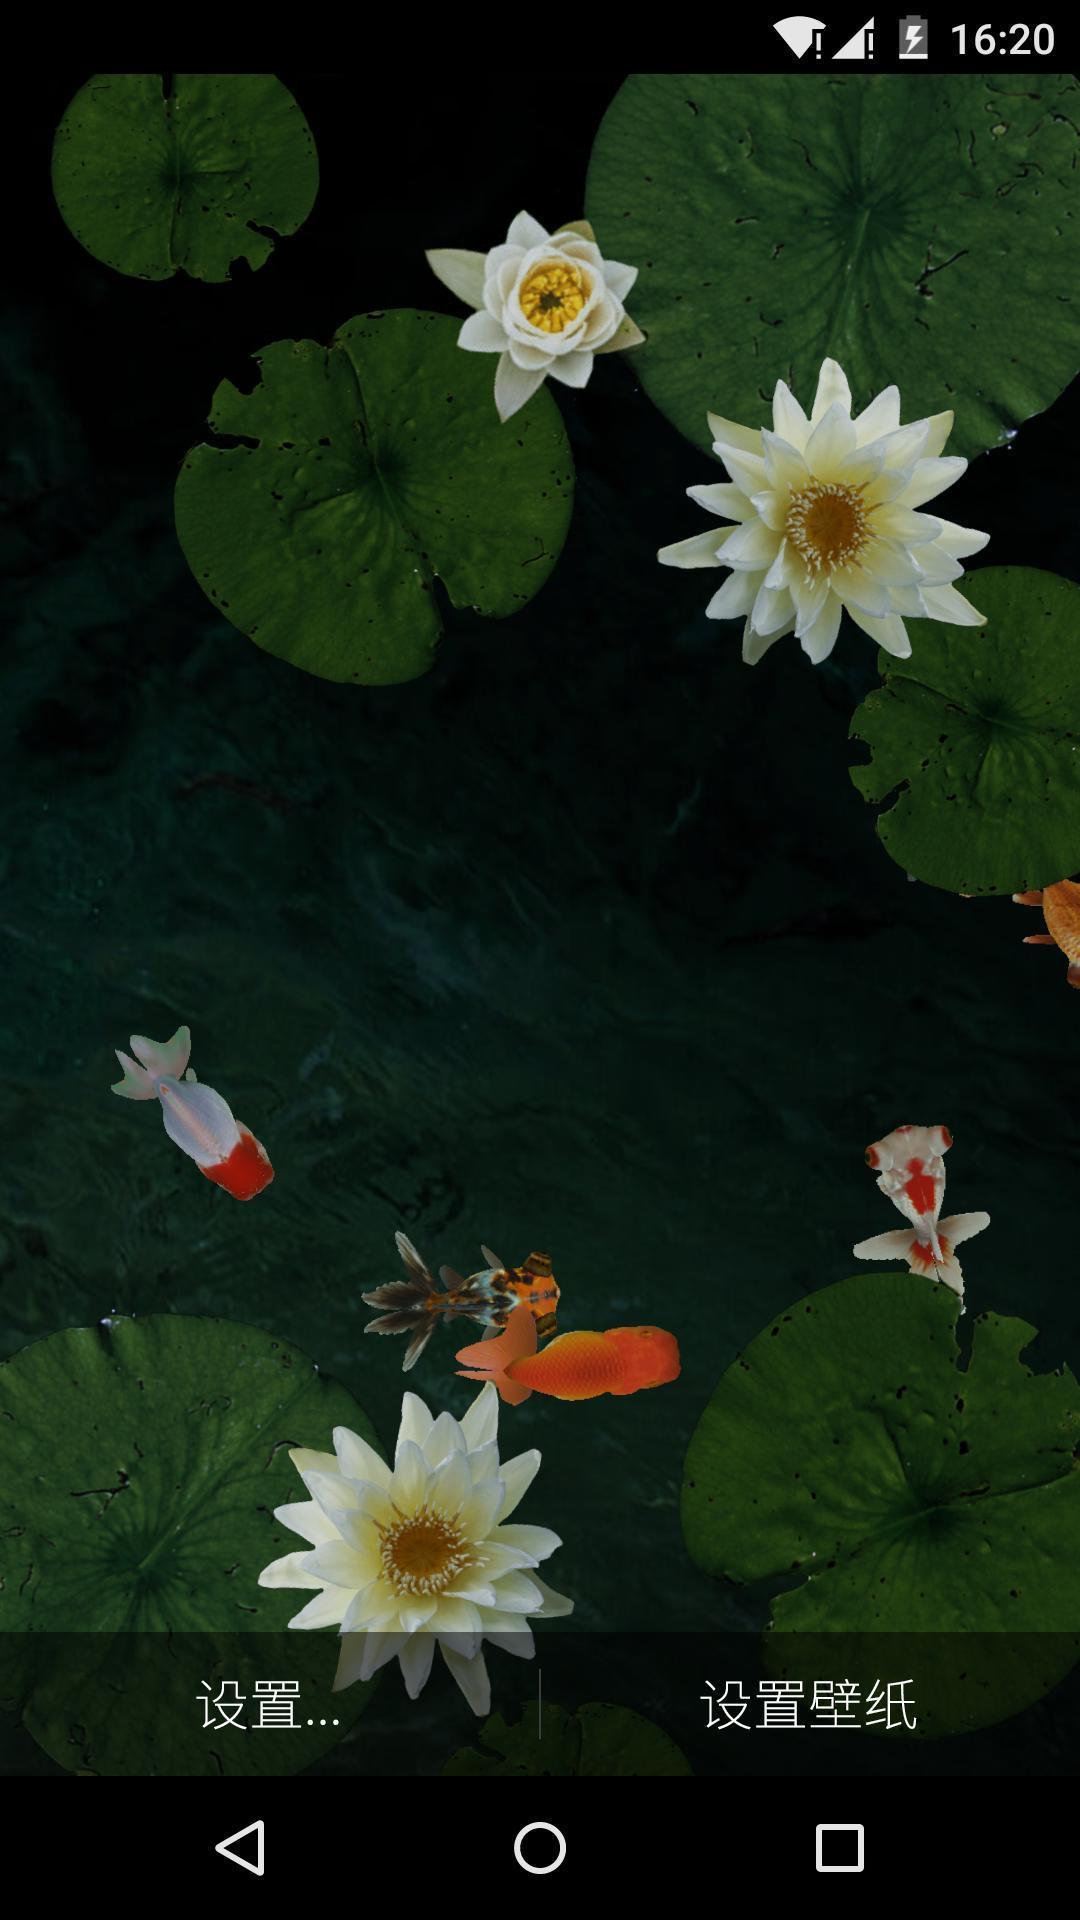 表情 3D池塘里的金鱼 梦象动态壁纸安卓版下载 3D池塘里的金鱼 梦象